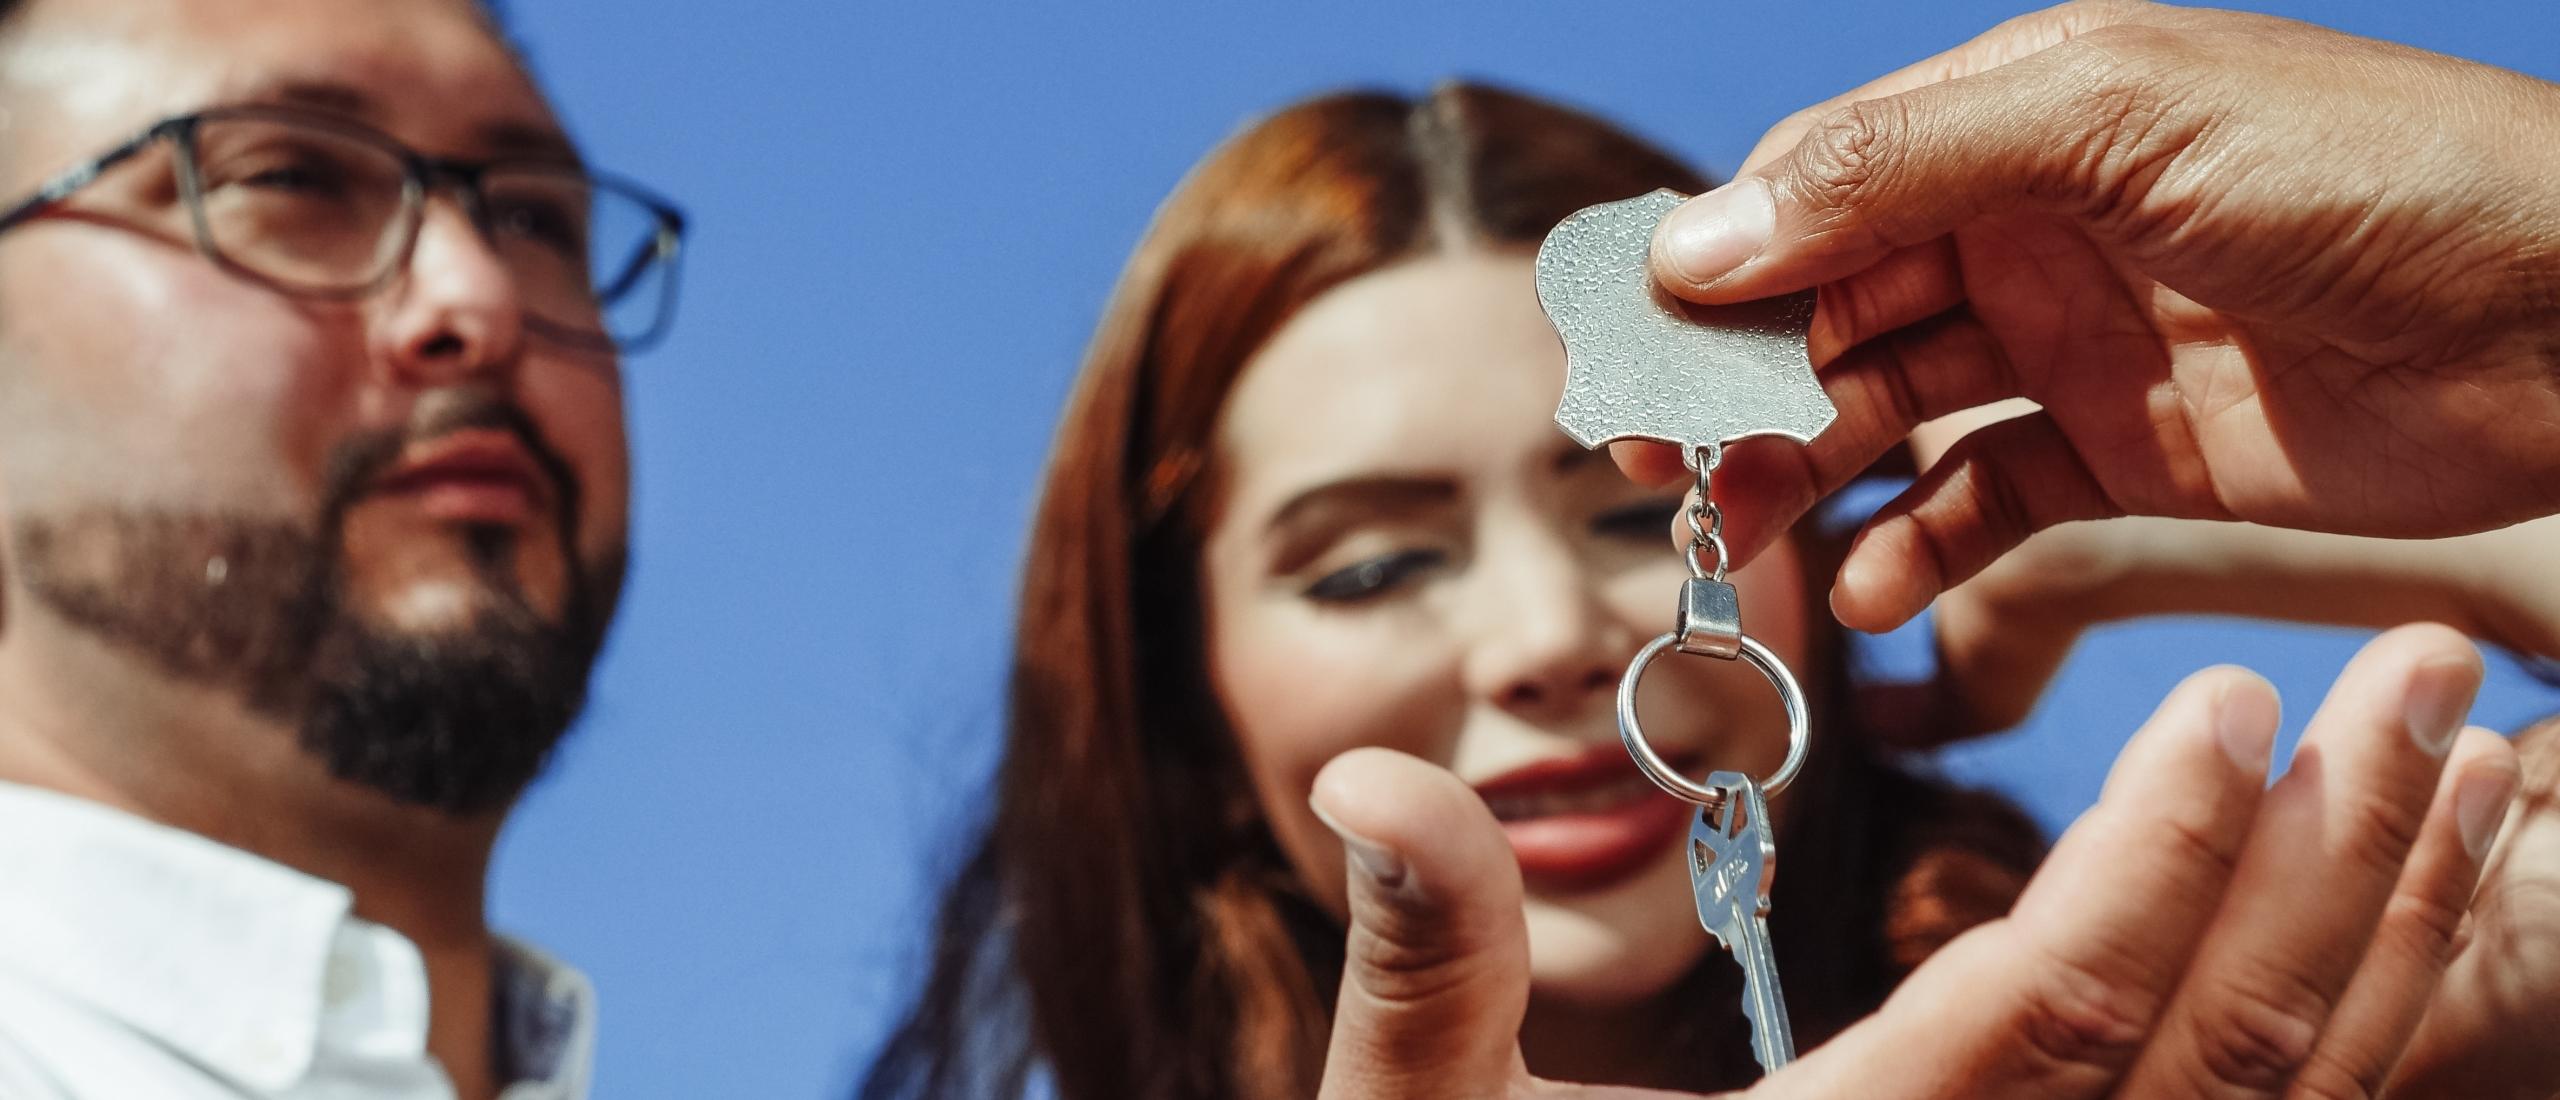 Hoe overhandig je de sleutels van jou vakantiewoning aan gasten?